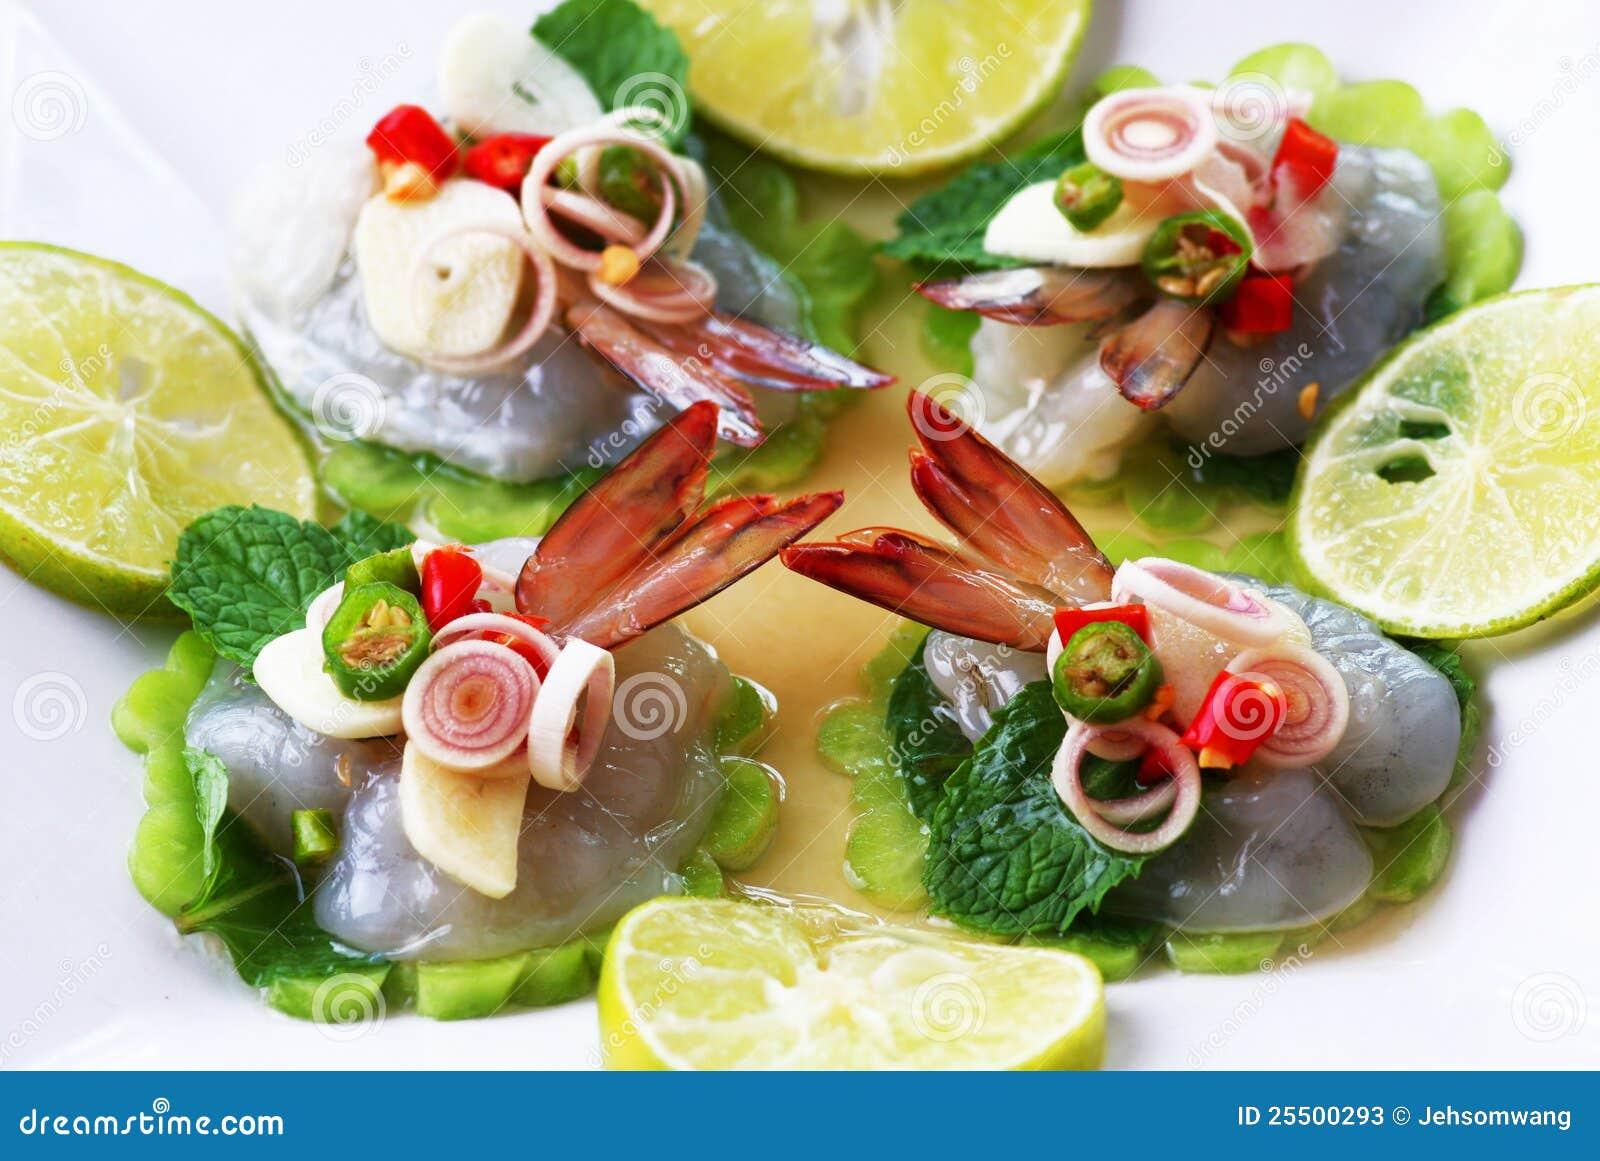 шримс моря соуса еды рыб тайский